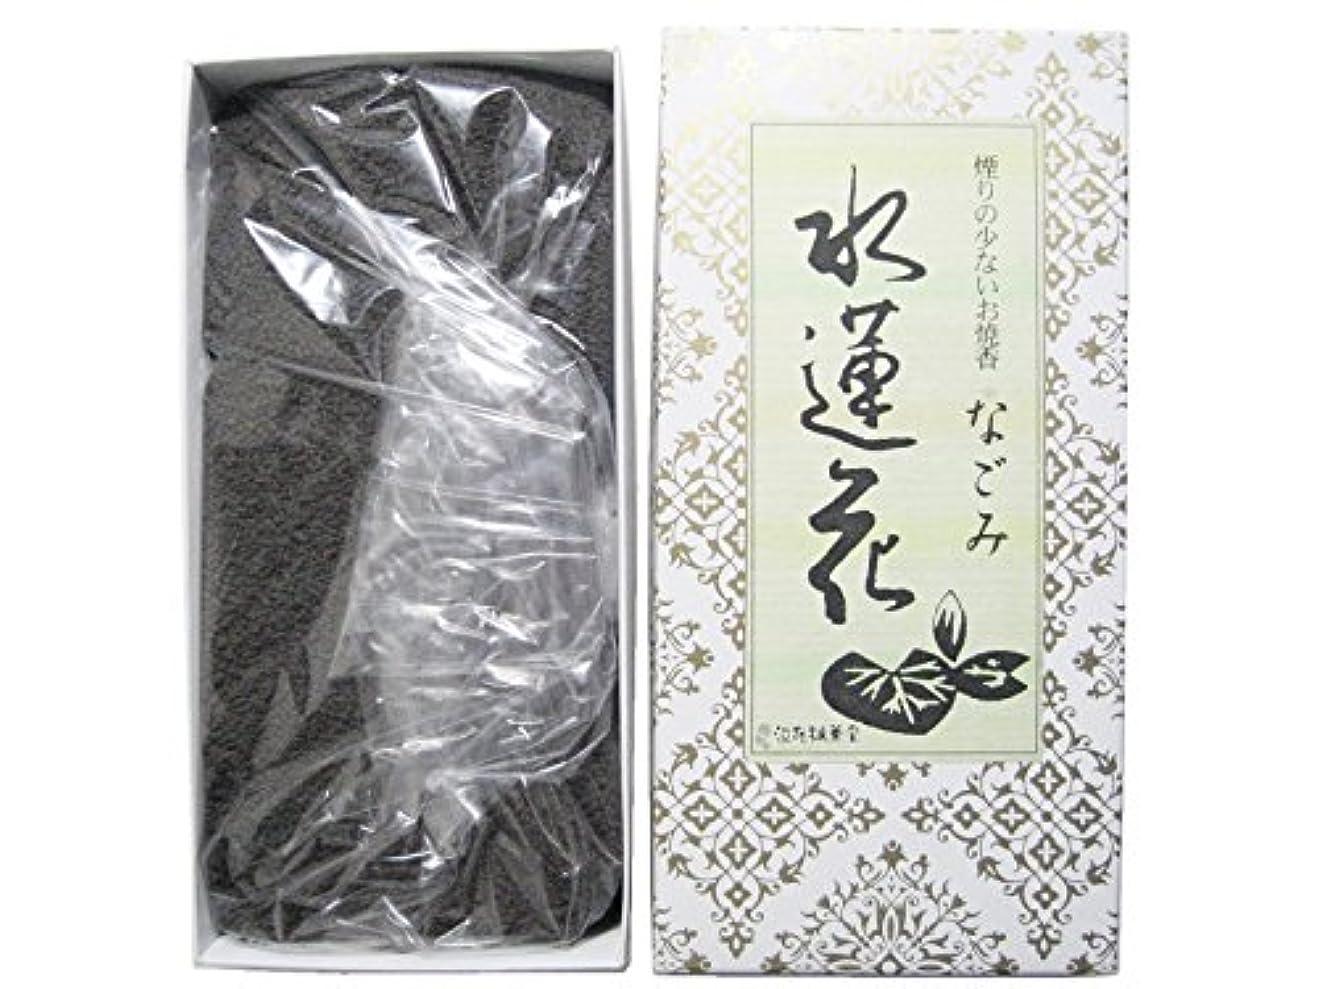 近く意図する秀でる淡路梅薫堂のお香 煙の少ないお焼香 なごみ 水蓮花 500g×30箱 #931